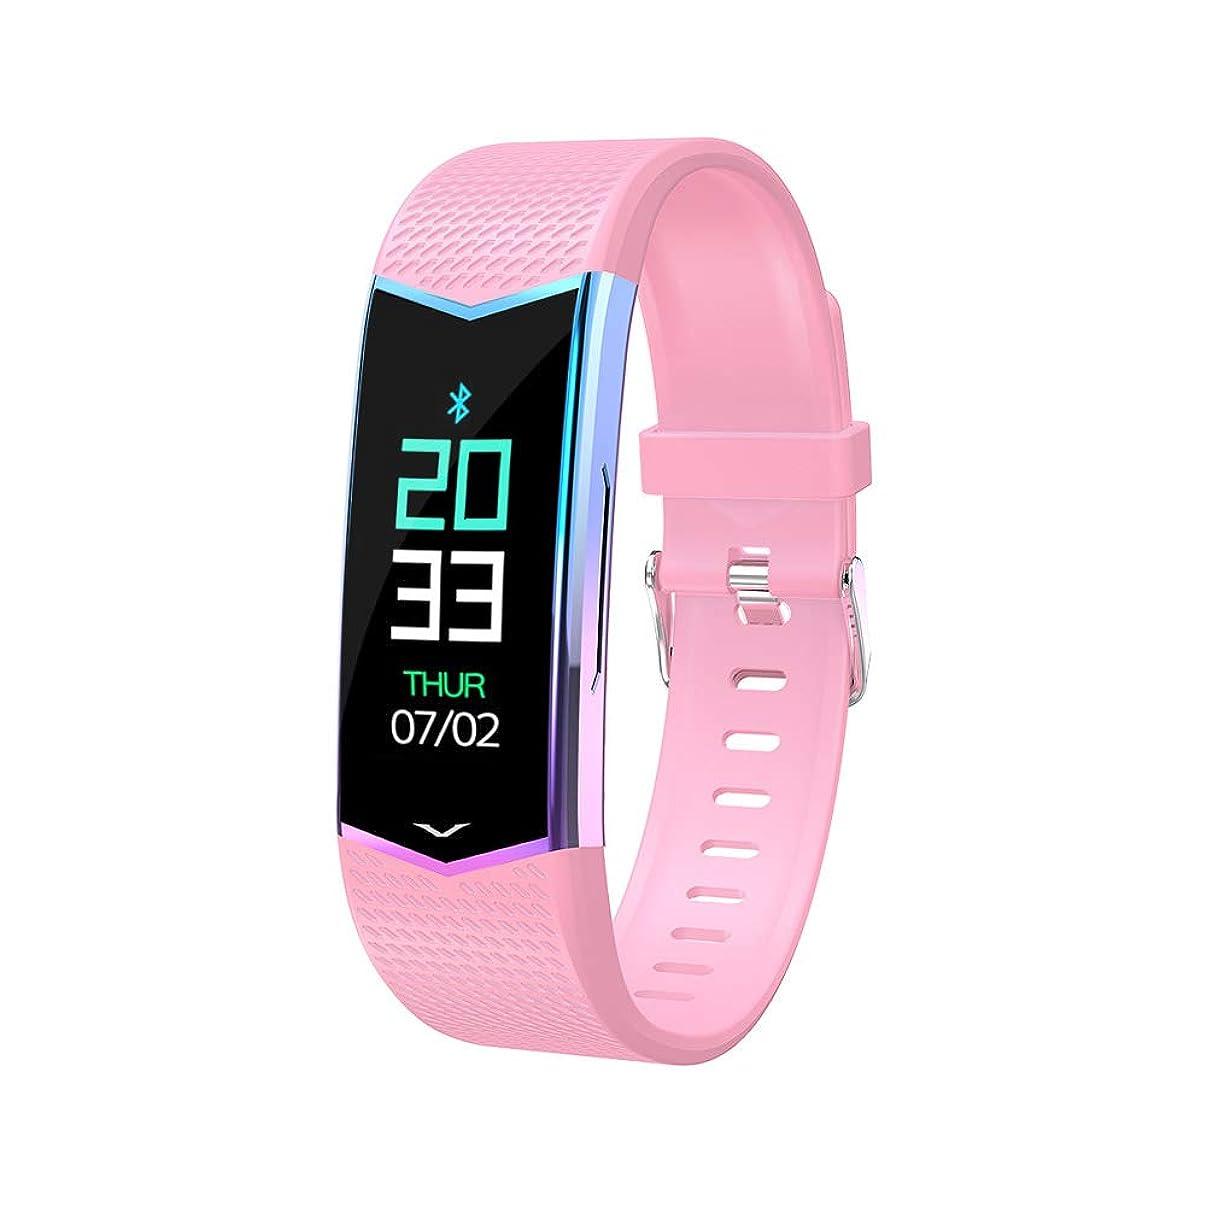 性能対姉妹IP67 防水ギフト心拍数血圧情報スポーツ睡眠検出腕時計8スマートブレスレット